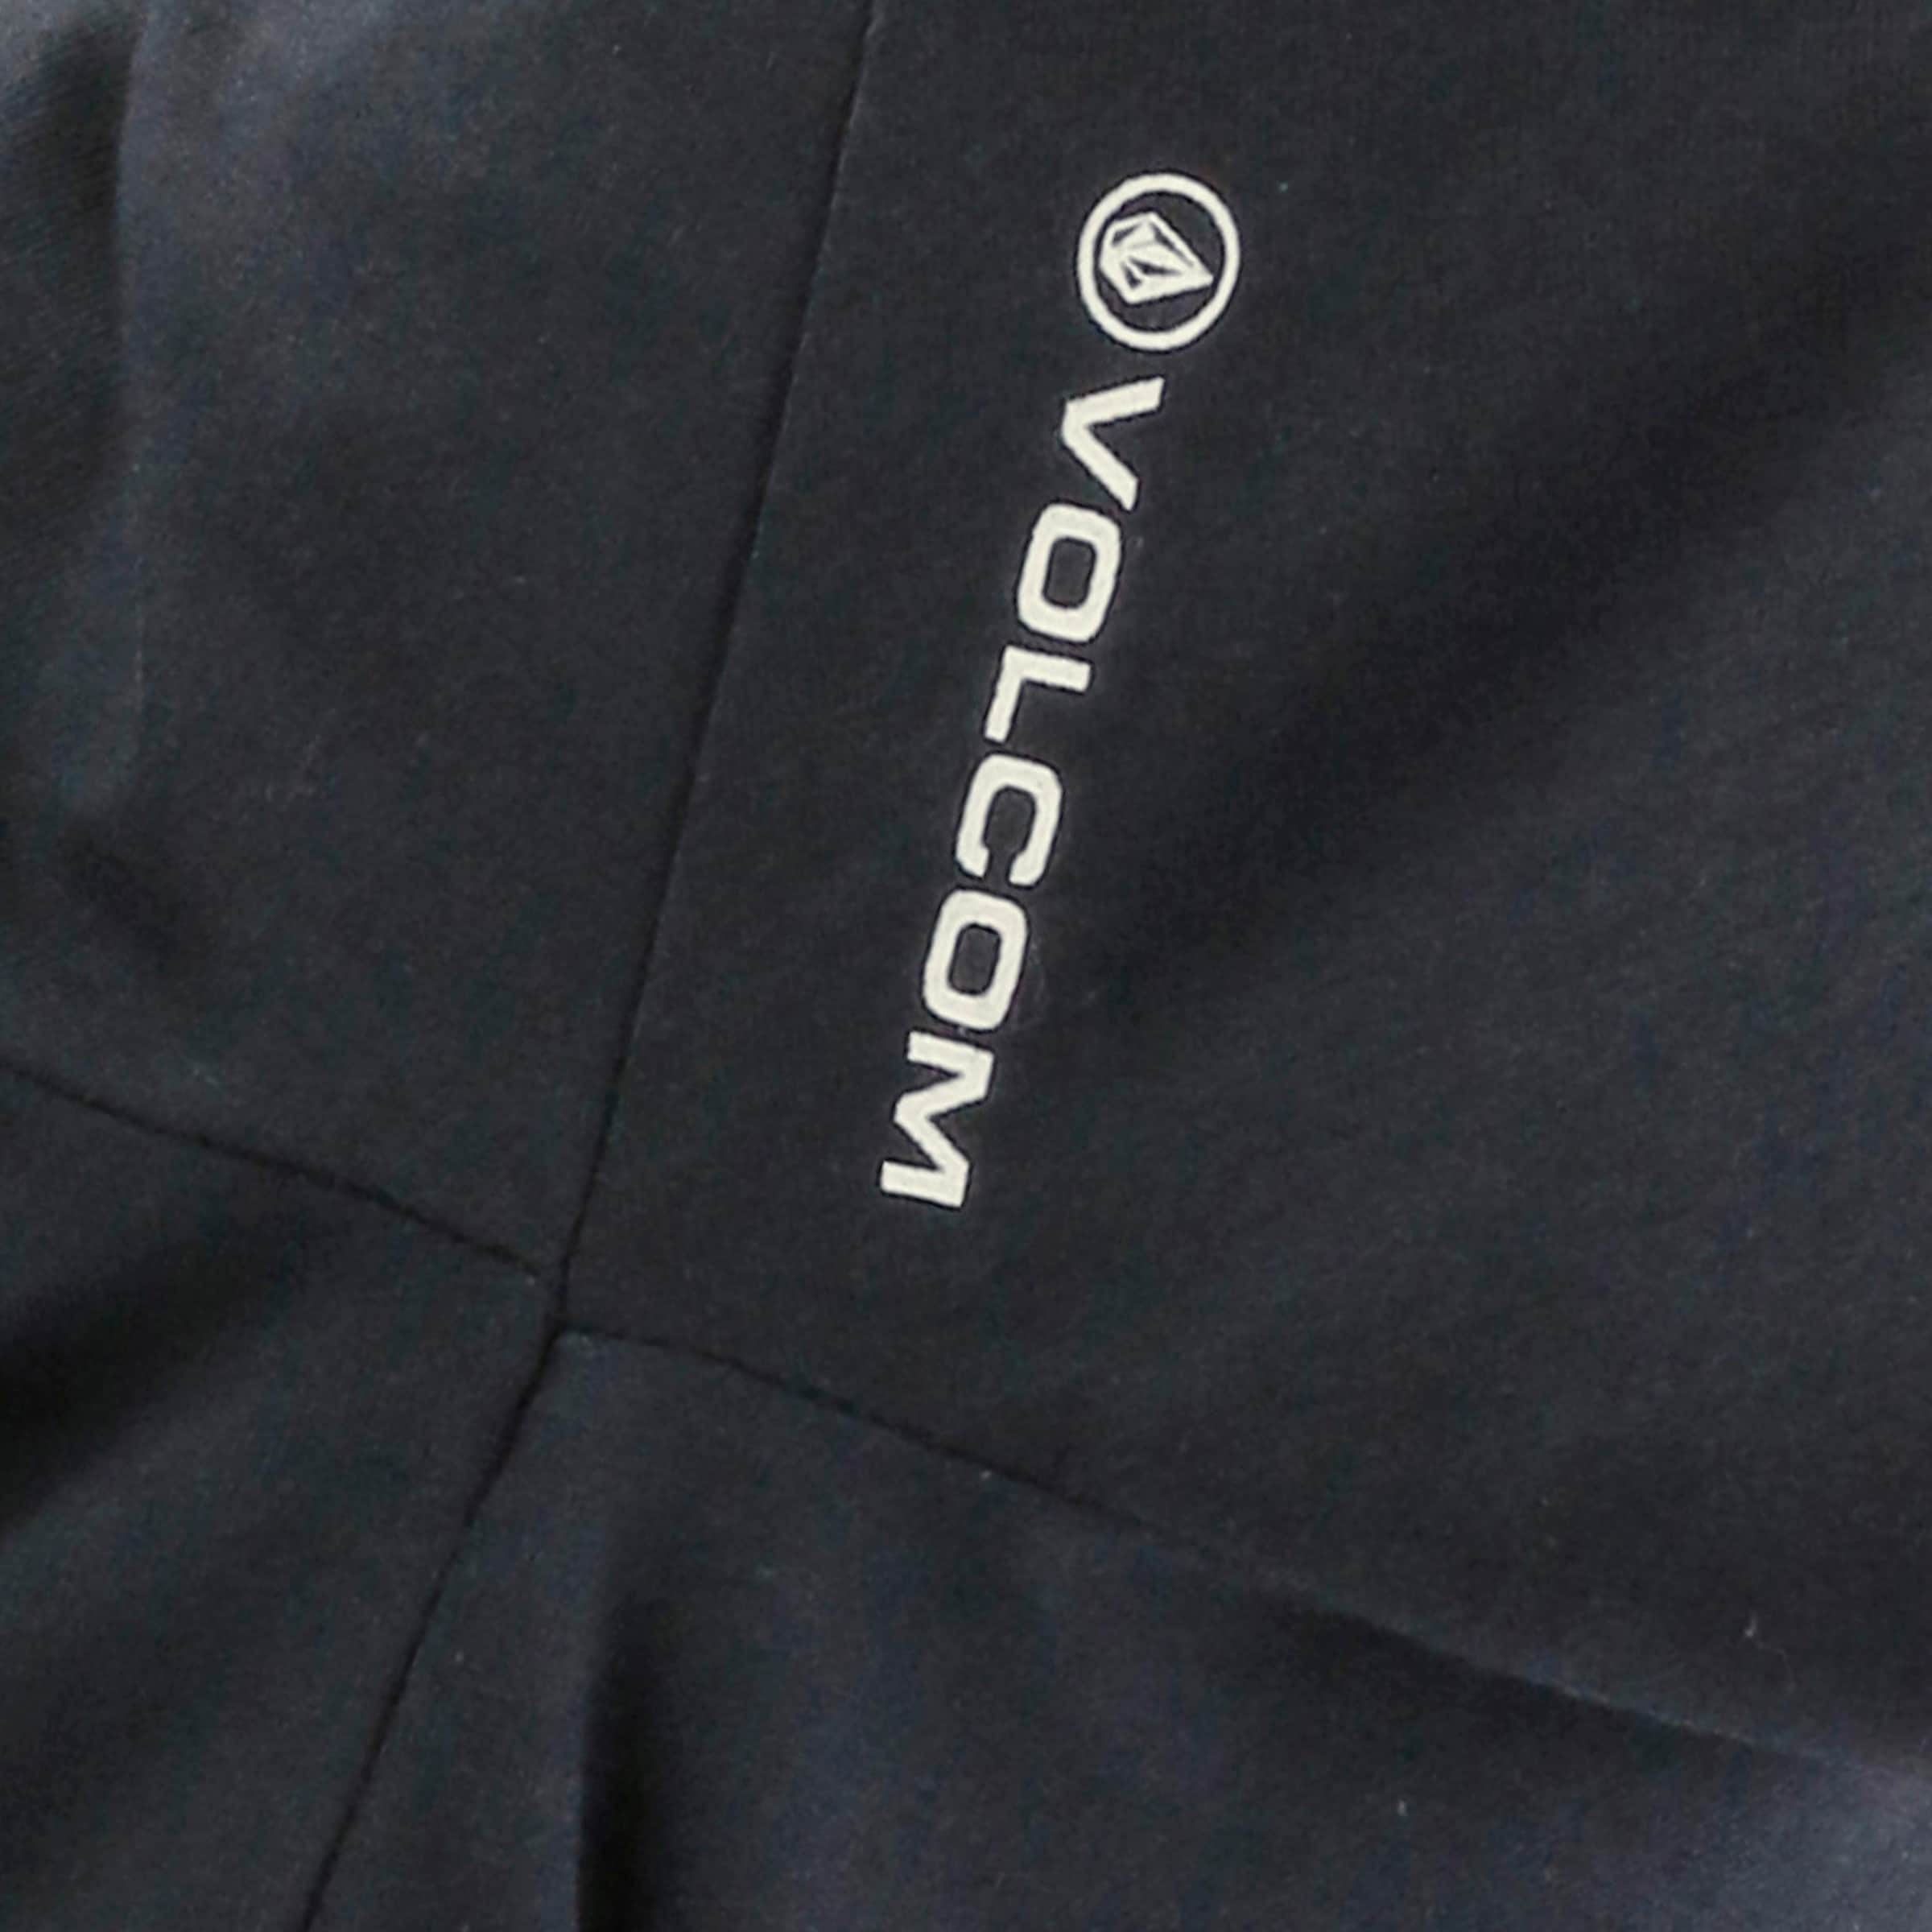 Freies Verschiffen Vorbestellung Steckdose Mit Paypal Volcom 'CRISTICLE' T-Shirt Rabatt KmFdC4BaE5